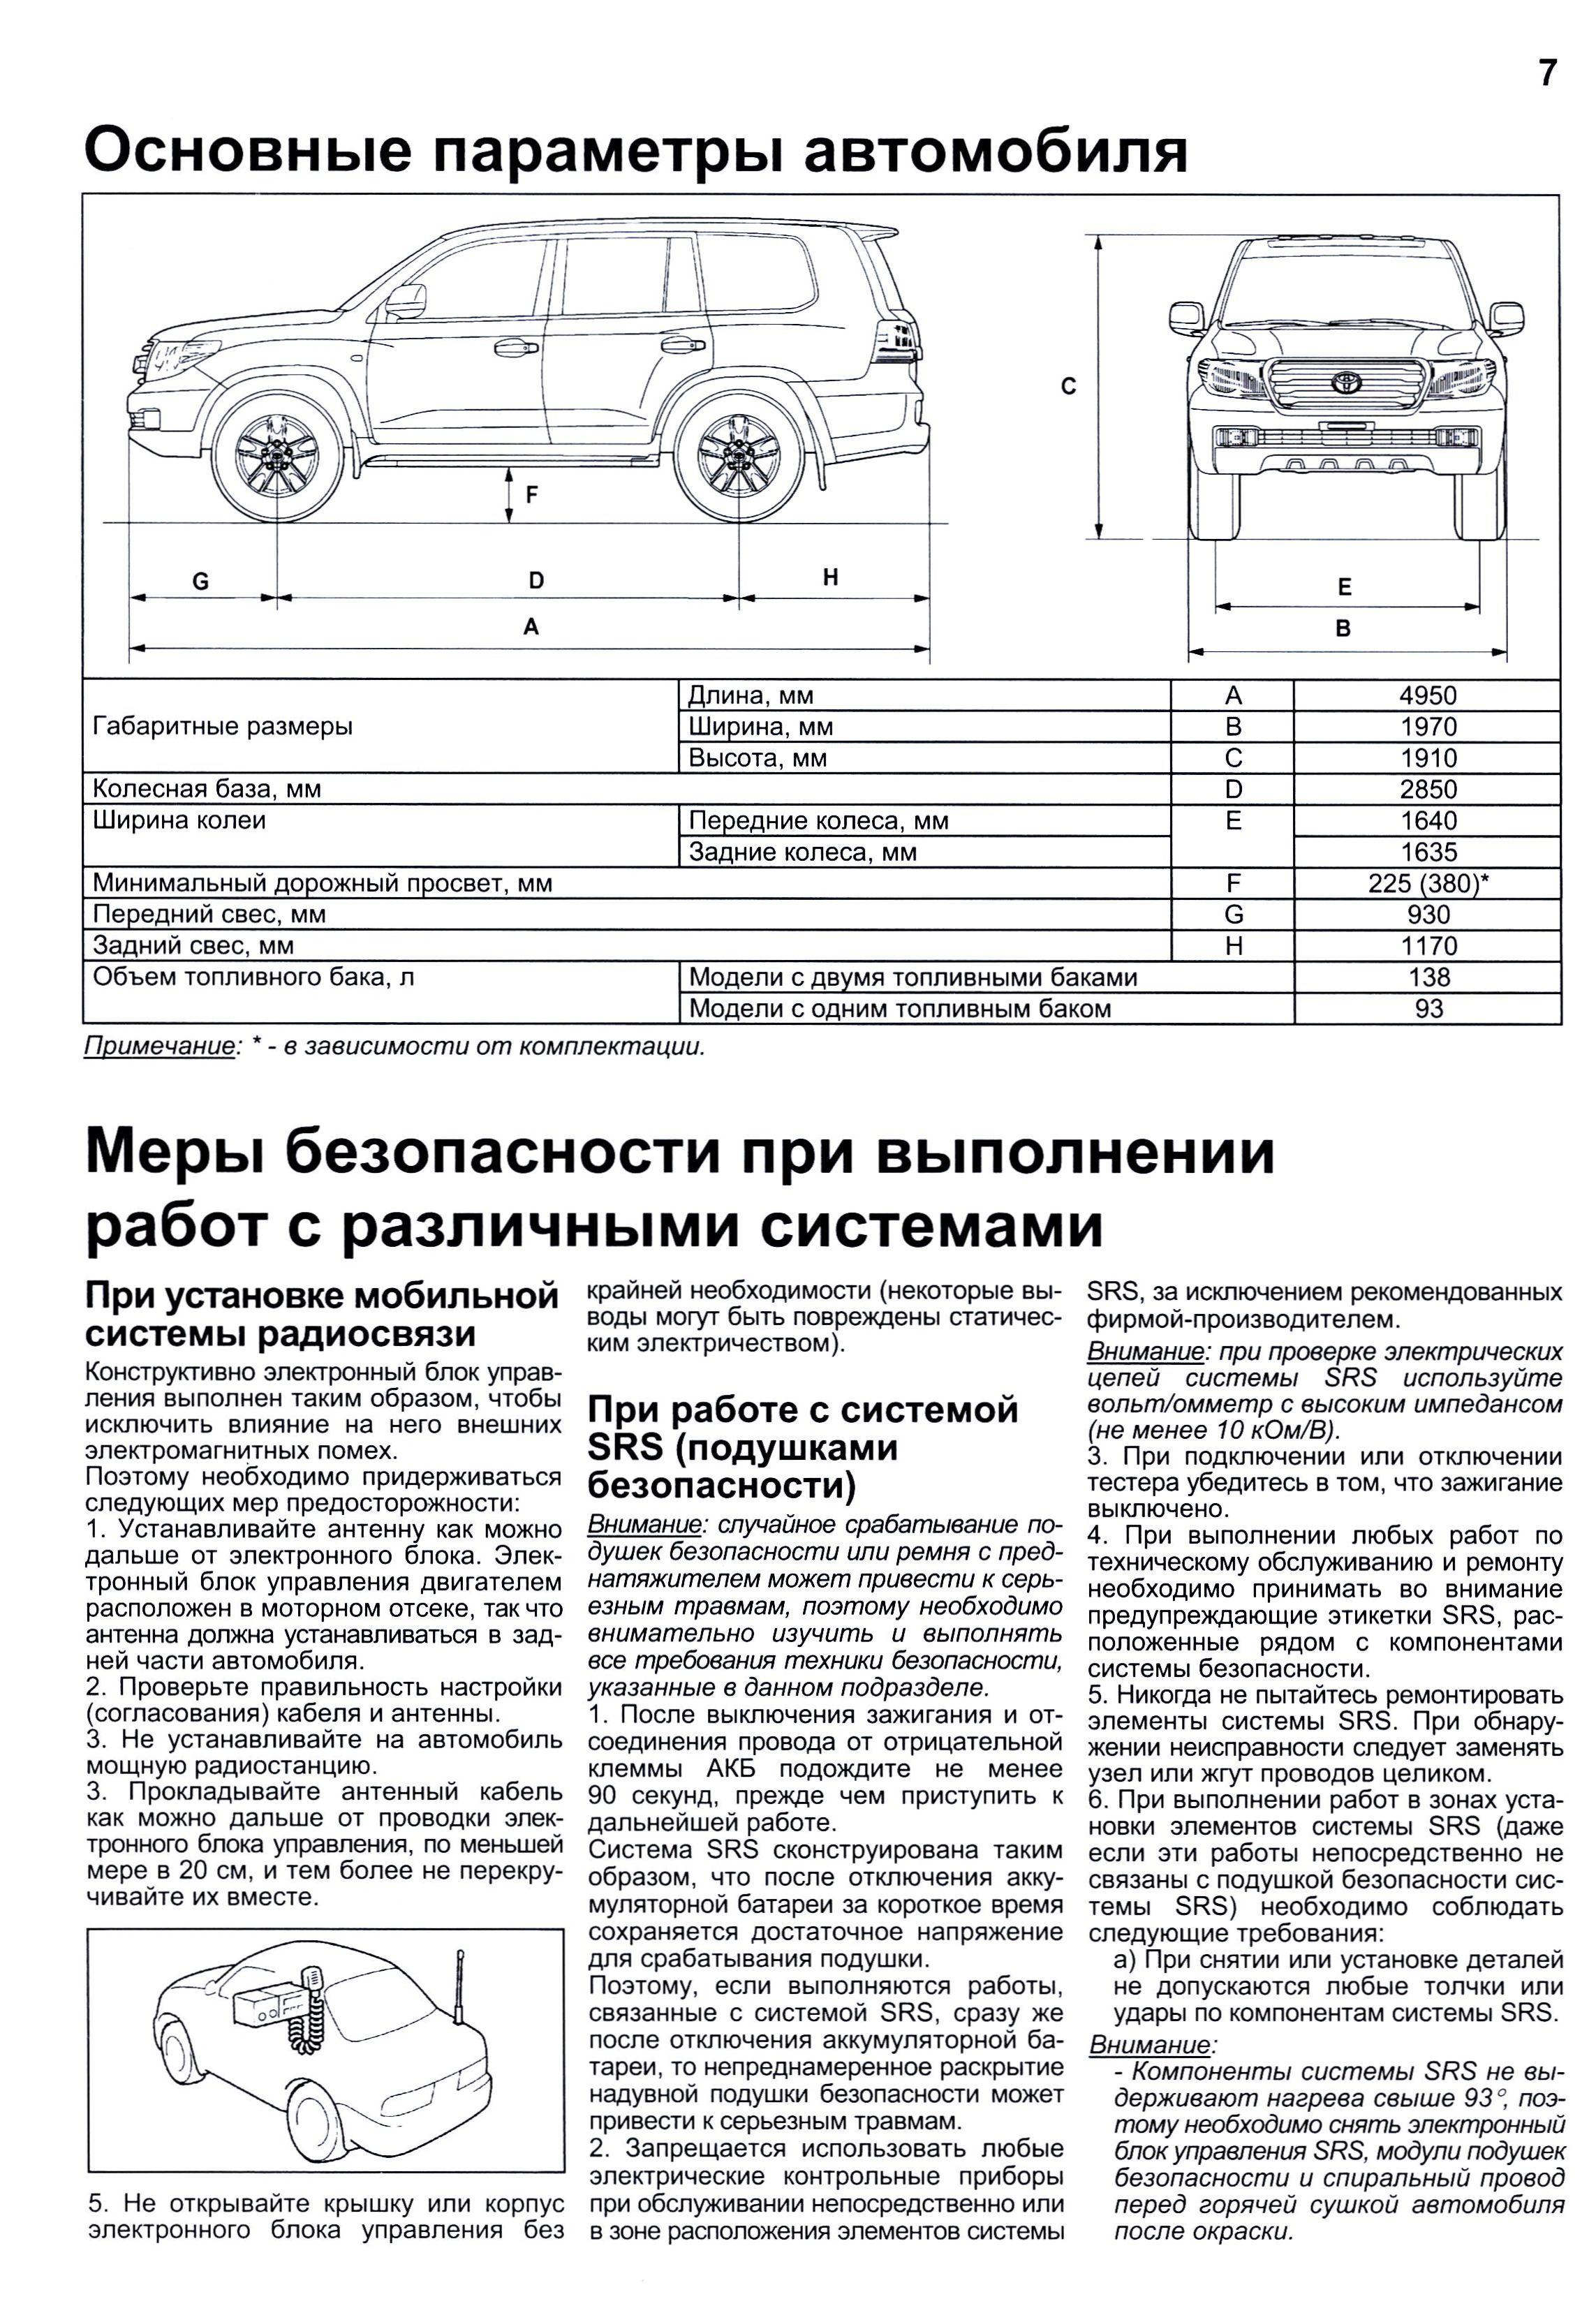 инструкция по ремонту тойота пробокс